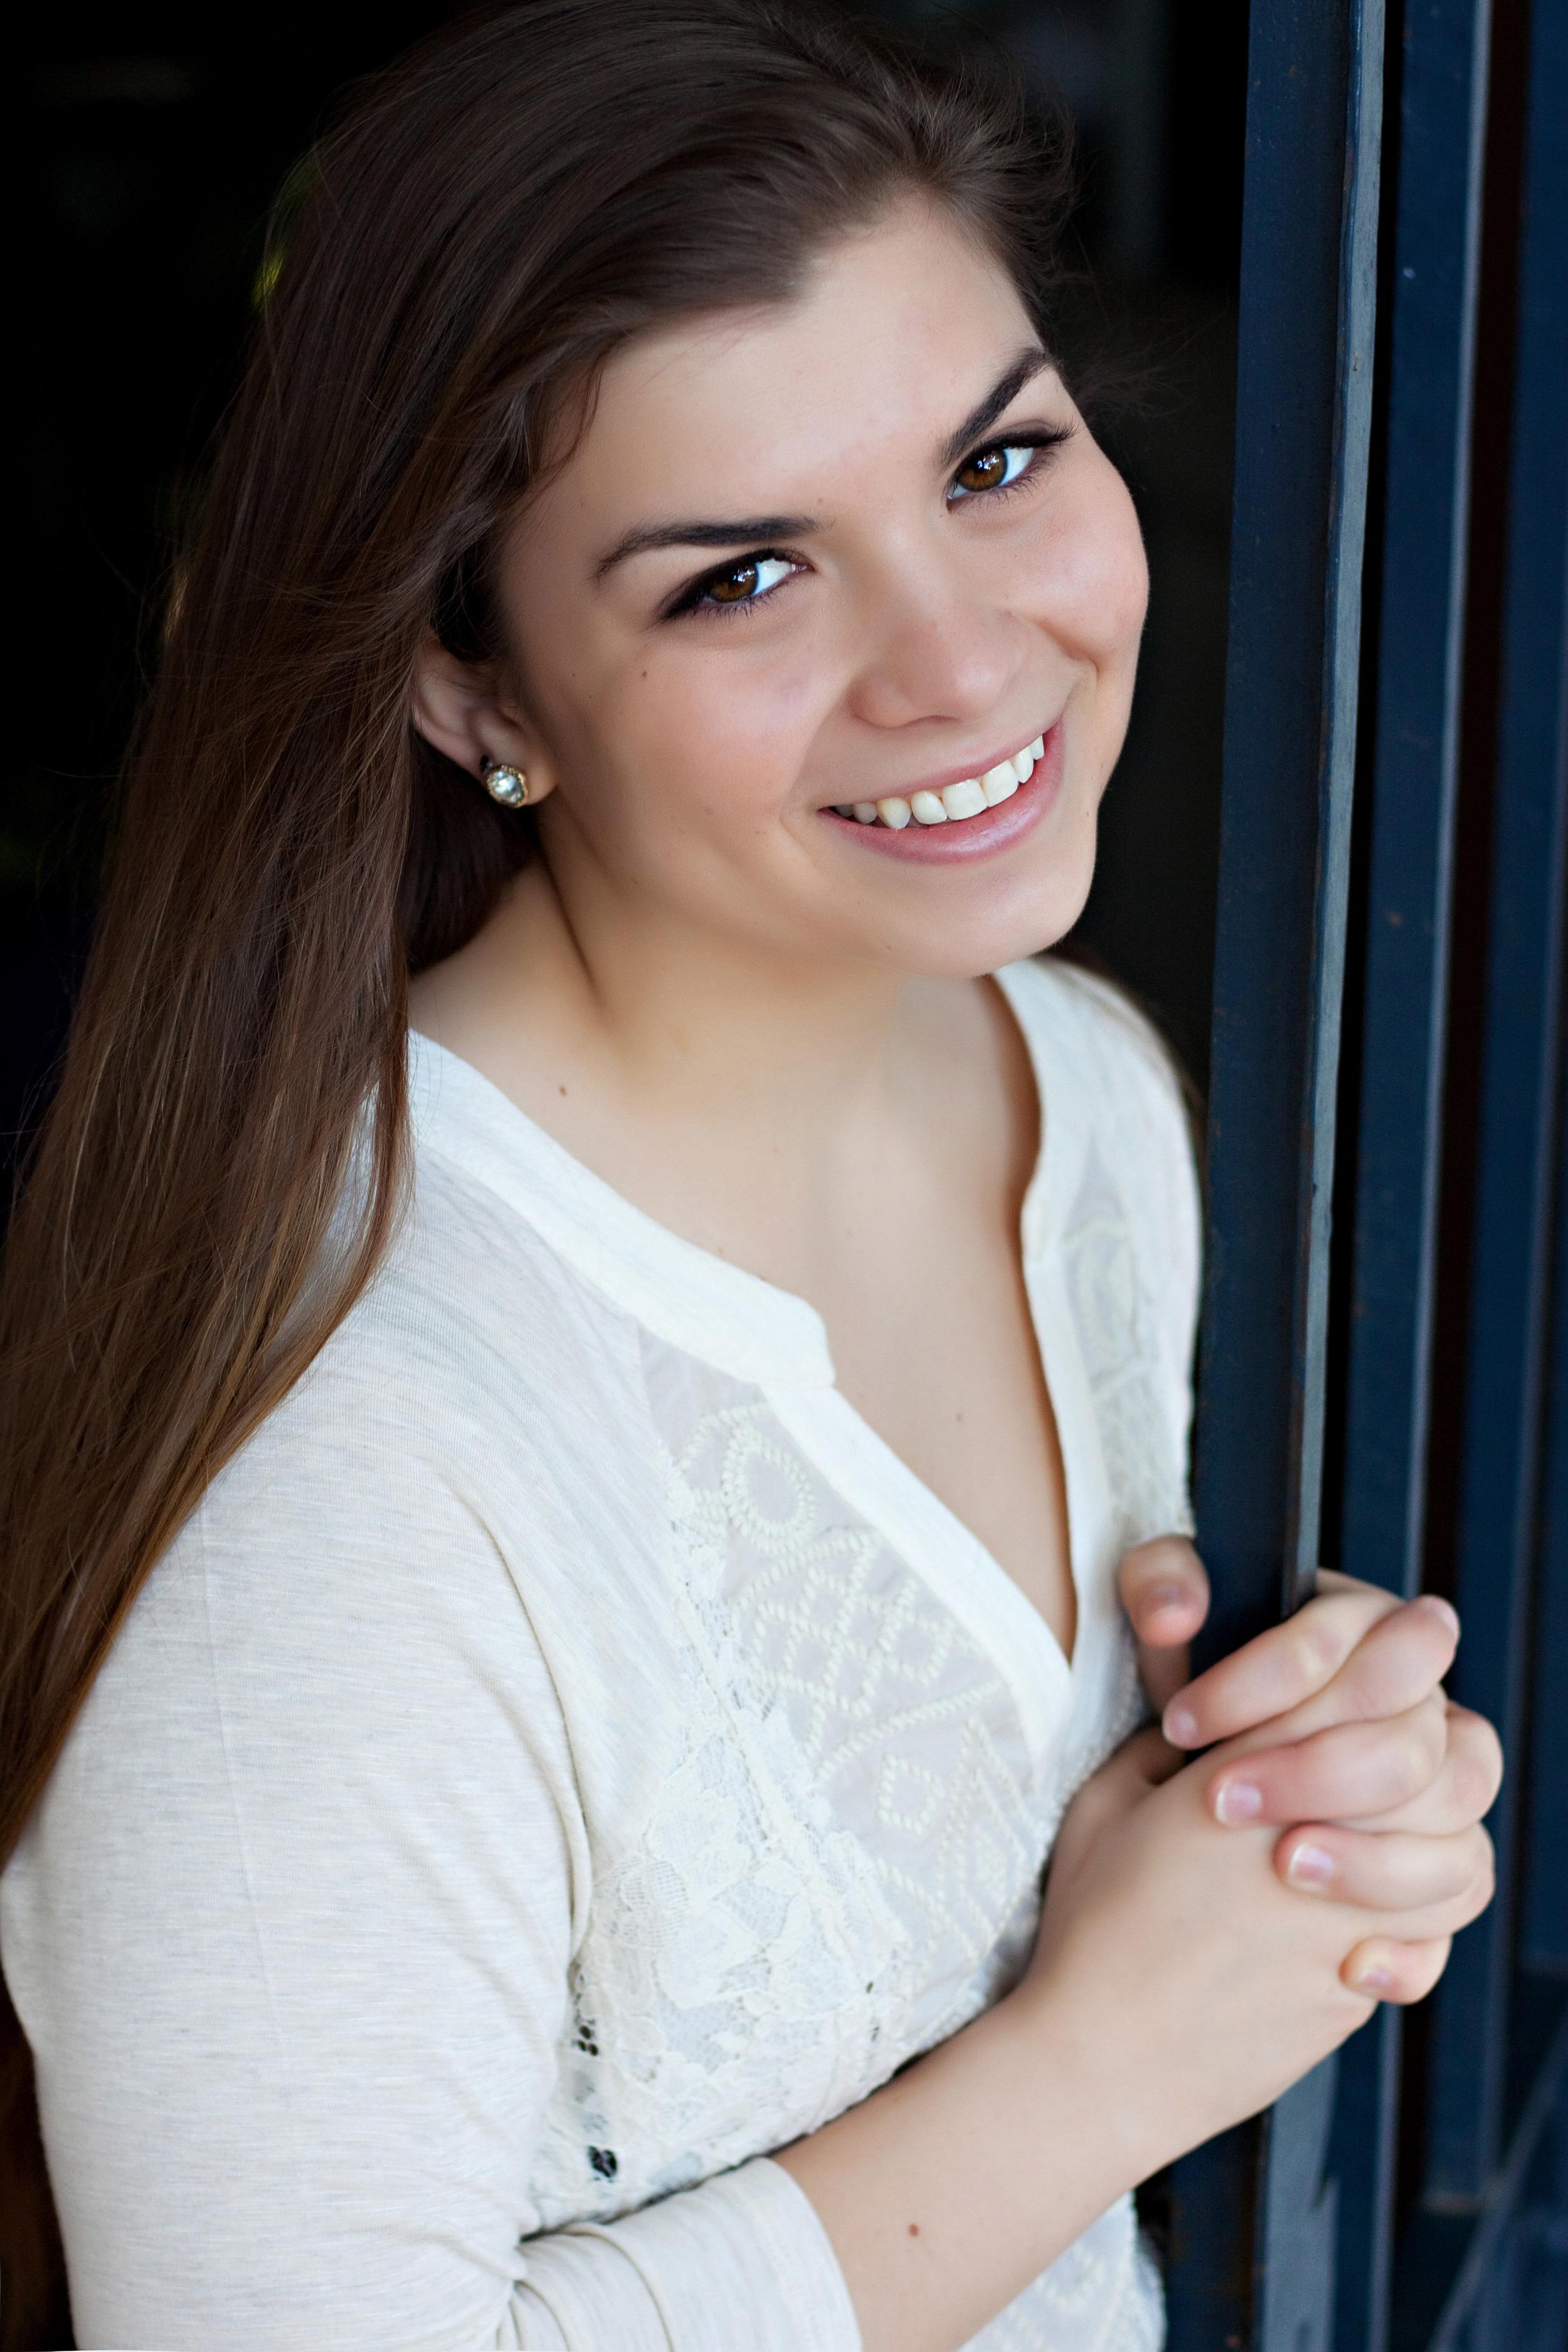 Senior_Hannah-11.jpg